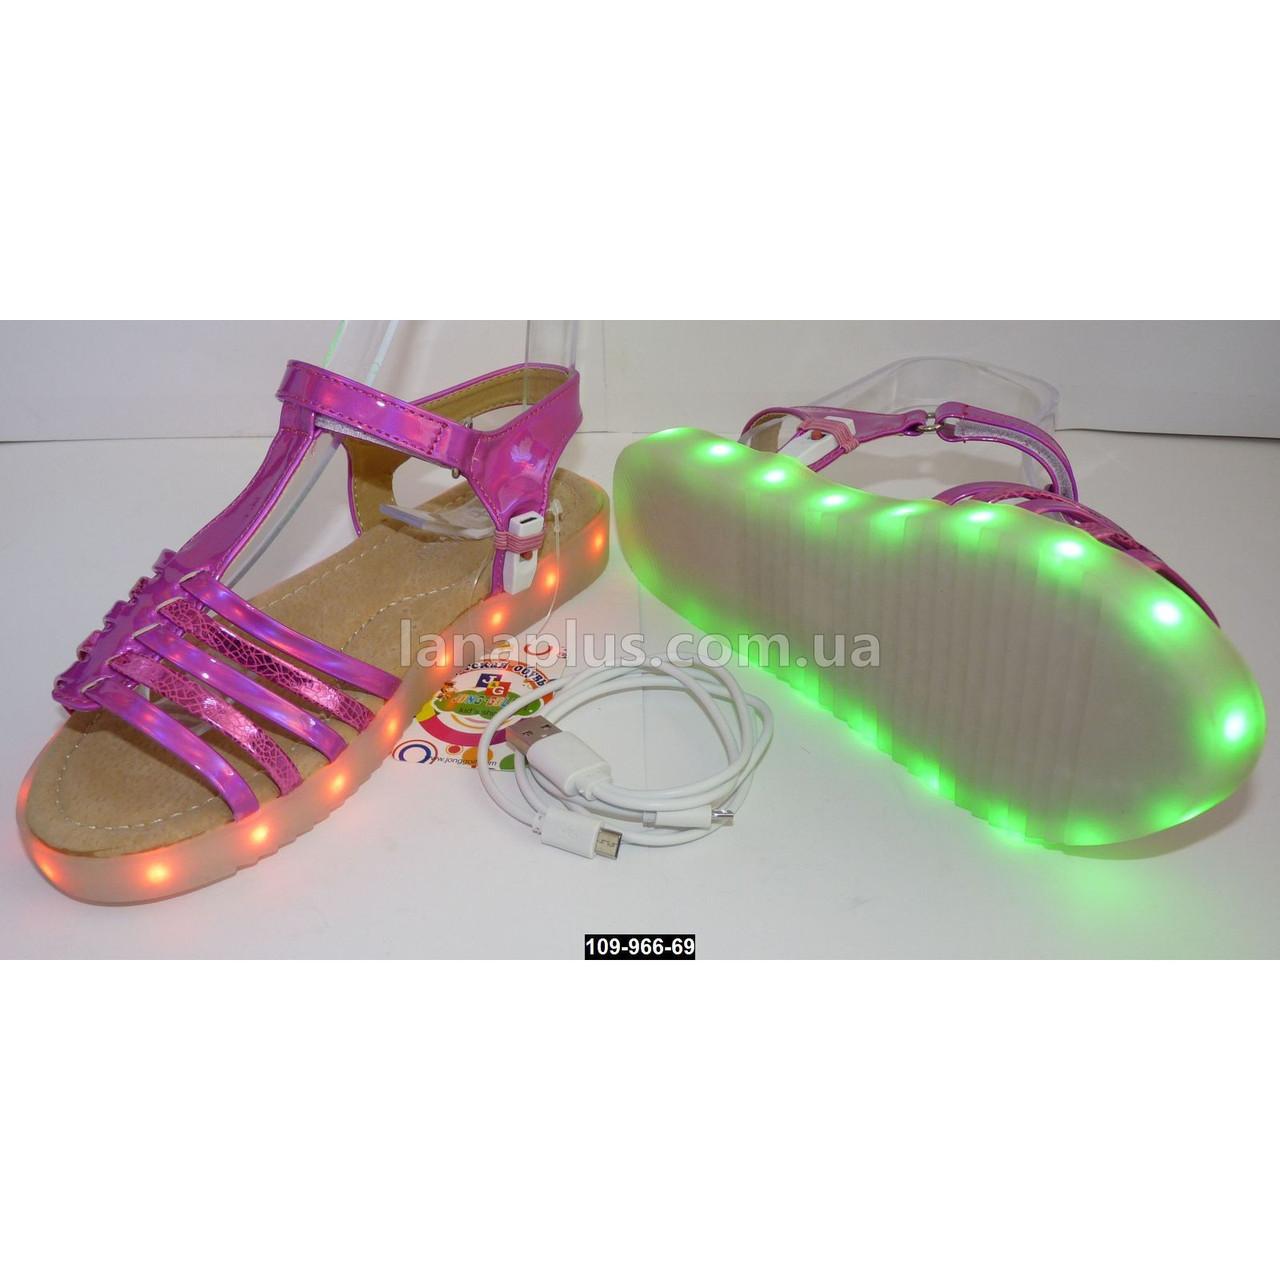 Светящиеся босоножки для девочки, 26 размер (16.2 см), 11 режимов LED подсветки, подзарядка, USB